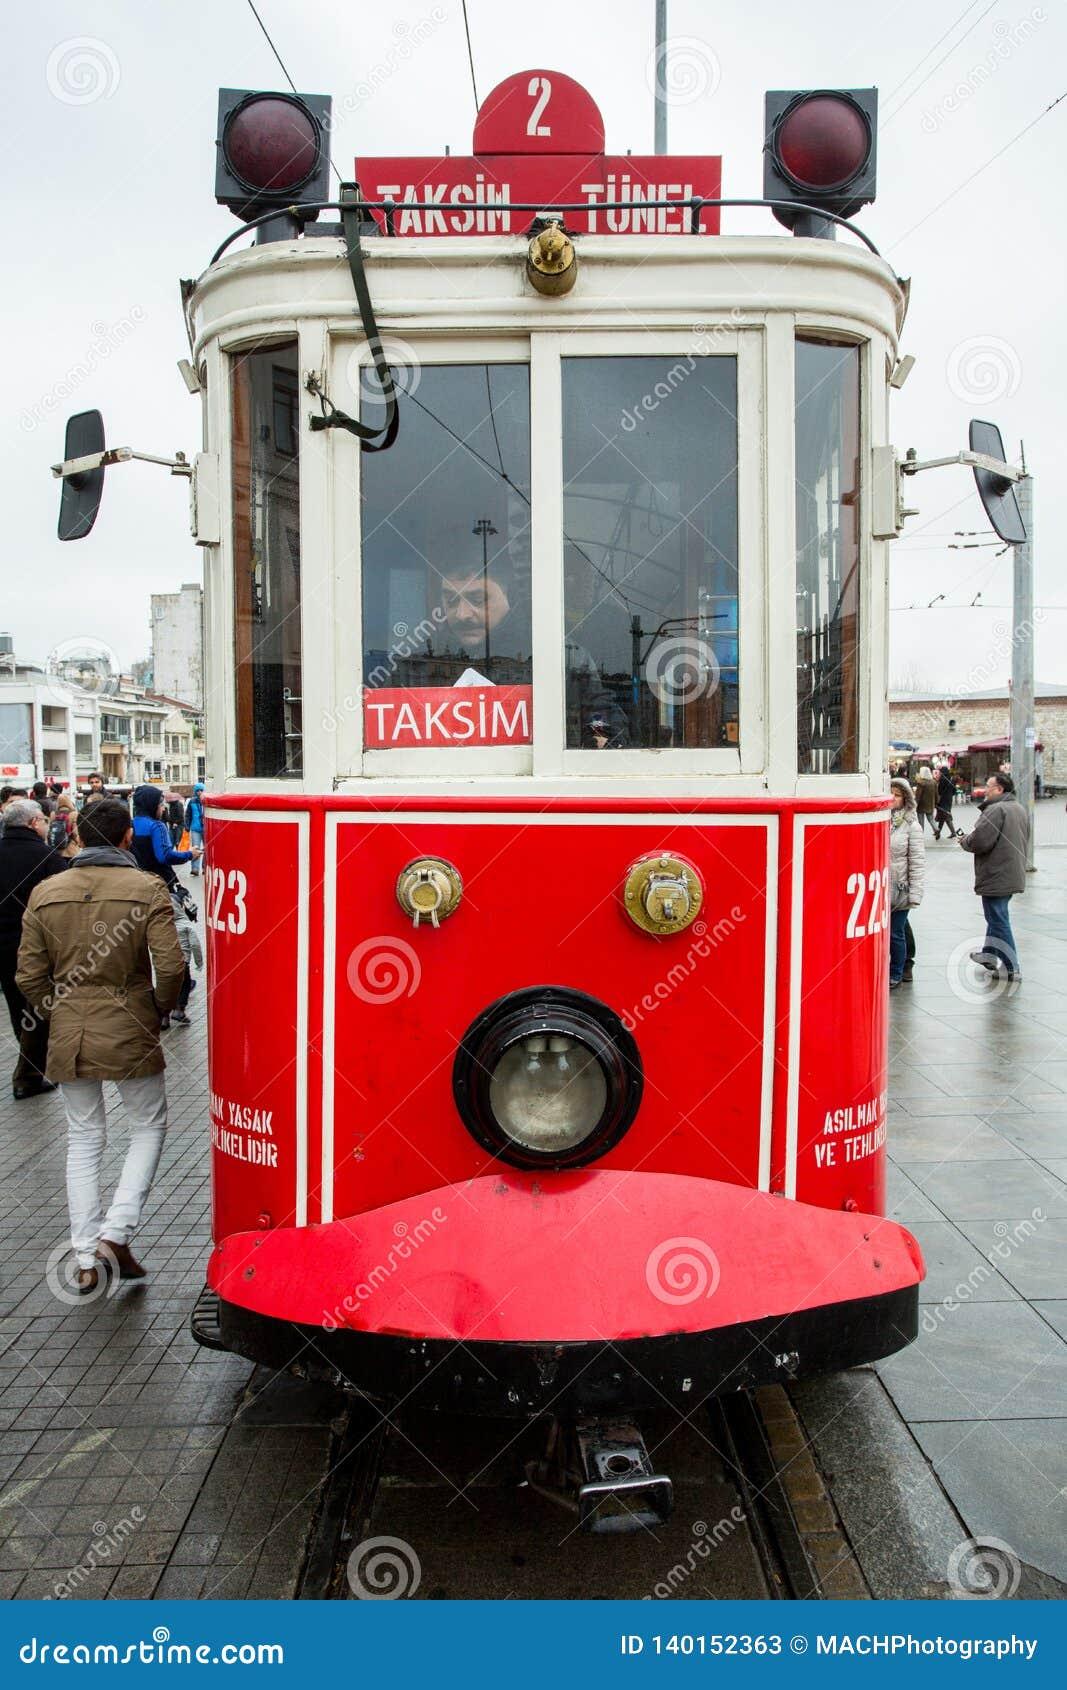 Un tram dans la place de Taksim, Istanbul, Turquie